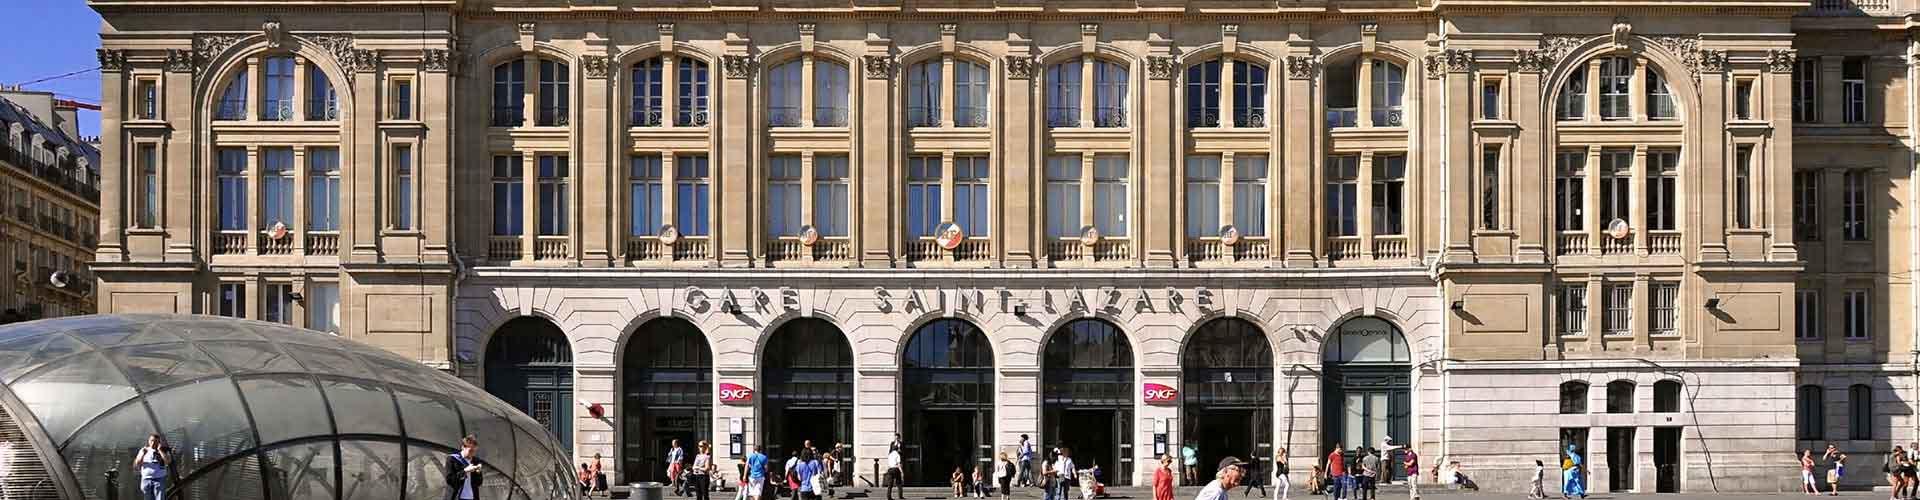 Pariisi – Hostellit lähellä Gare Saint-Lazare rautatieasema. Pariisi -karttoja, valokuvia ja arvosteluja kaikista Pariisi -hostelleista.